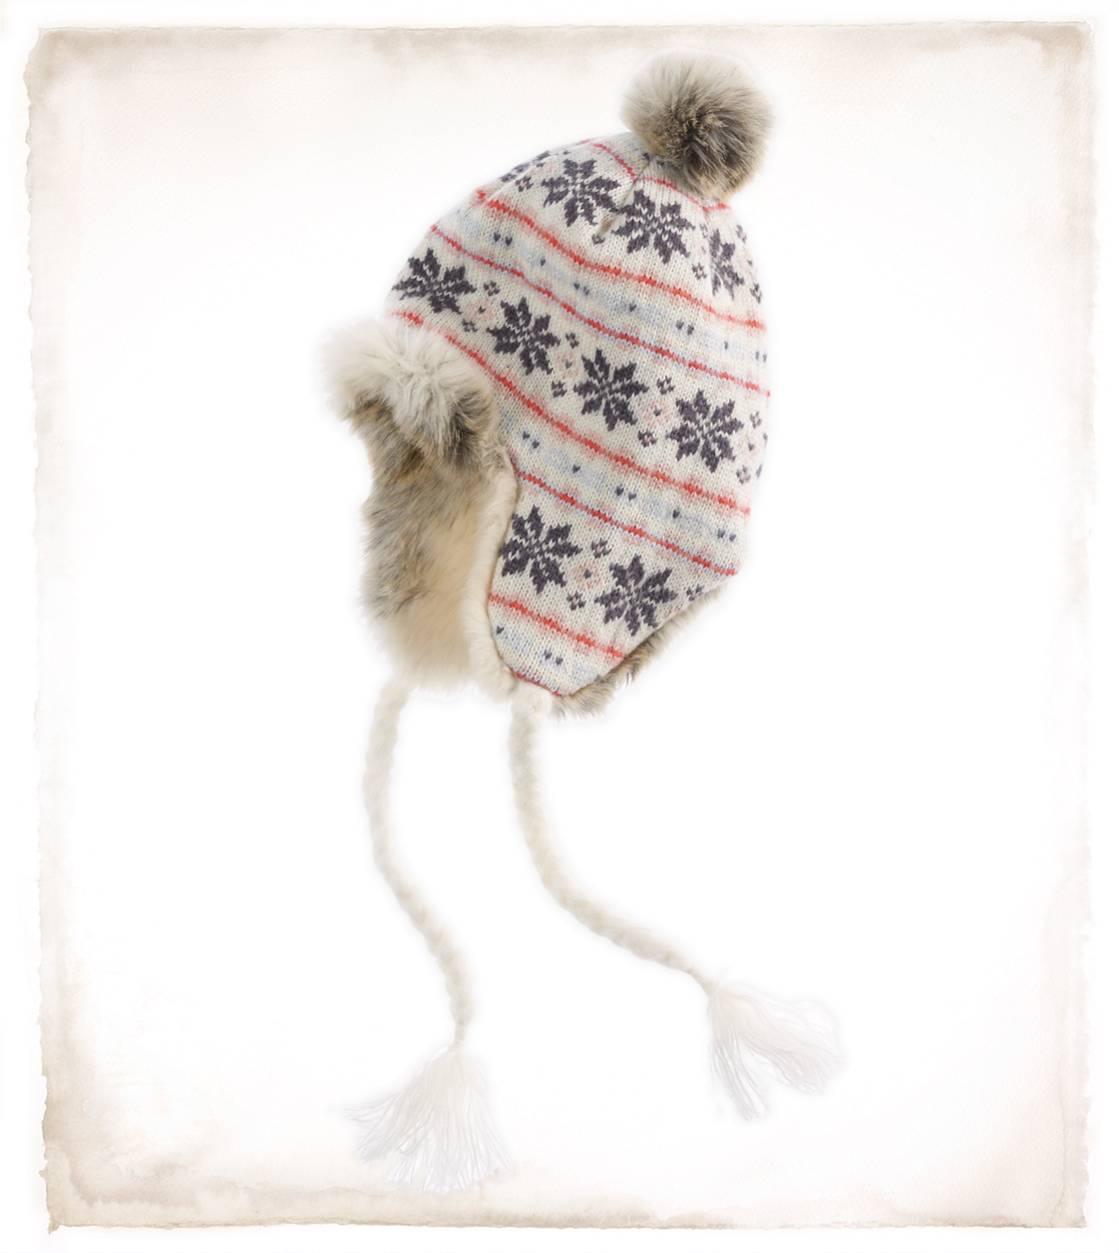 3c9d2cca0 Aerie Snowflake Fair Isle Trapper Hat - Aerie